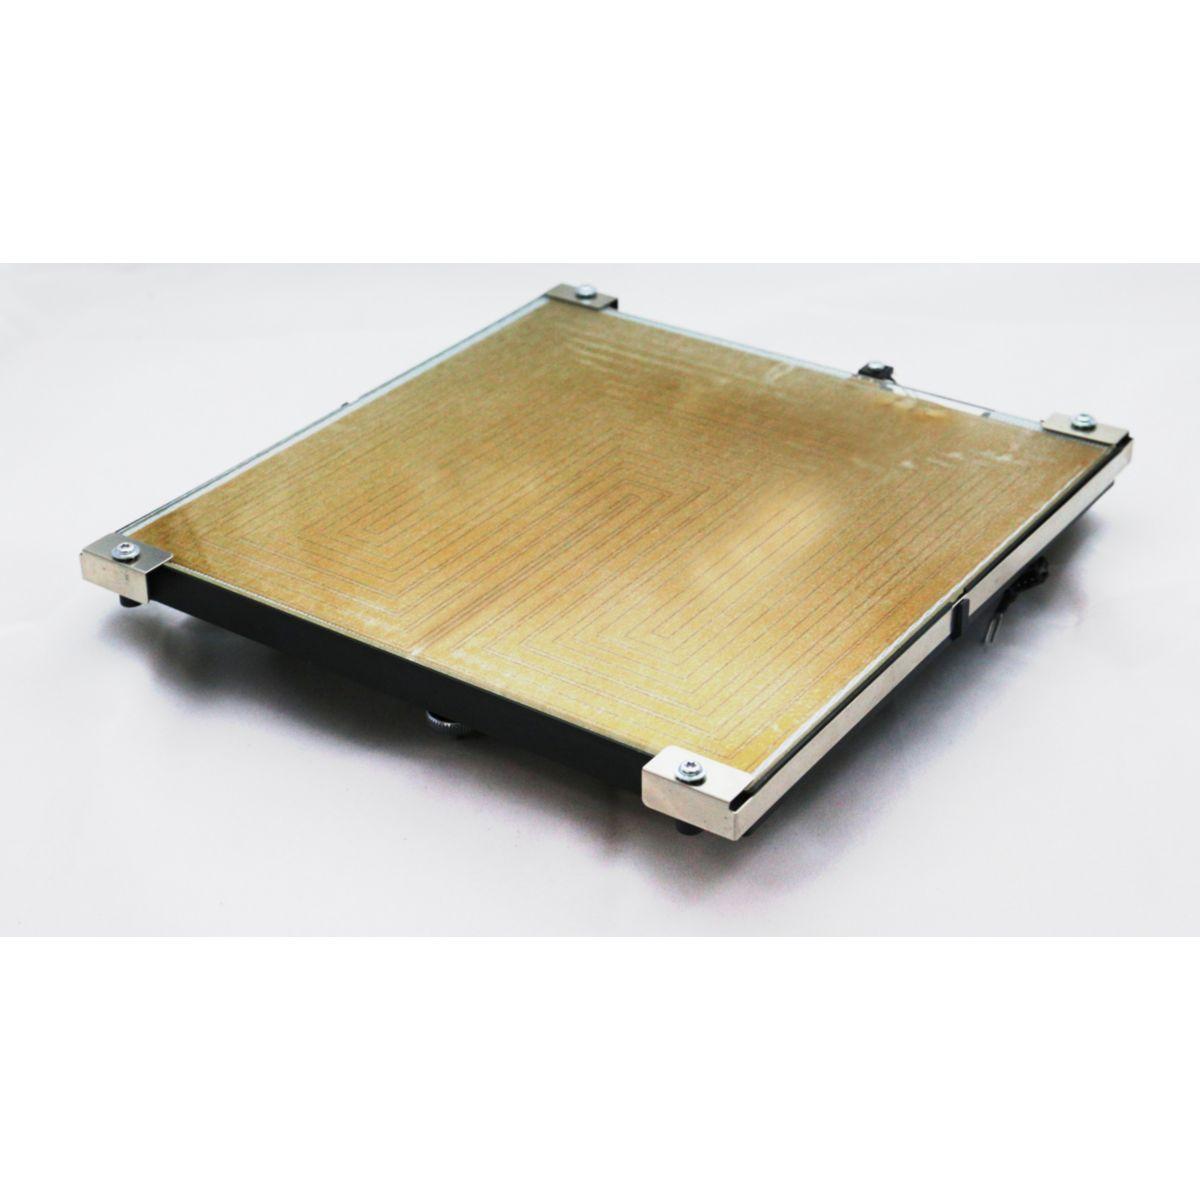 Accessoire imprimante 3d xyz printing plateau da vinci 1.0/1.0...